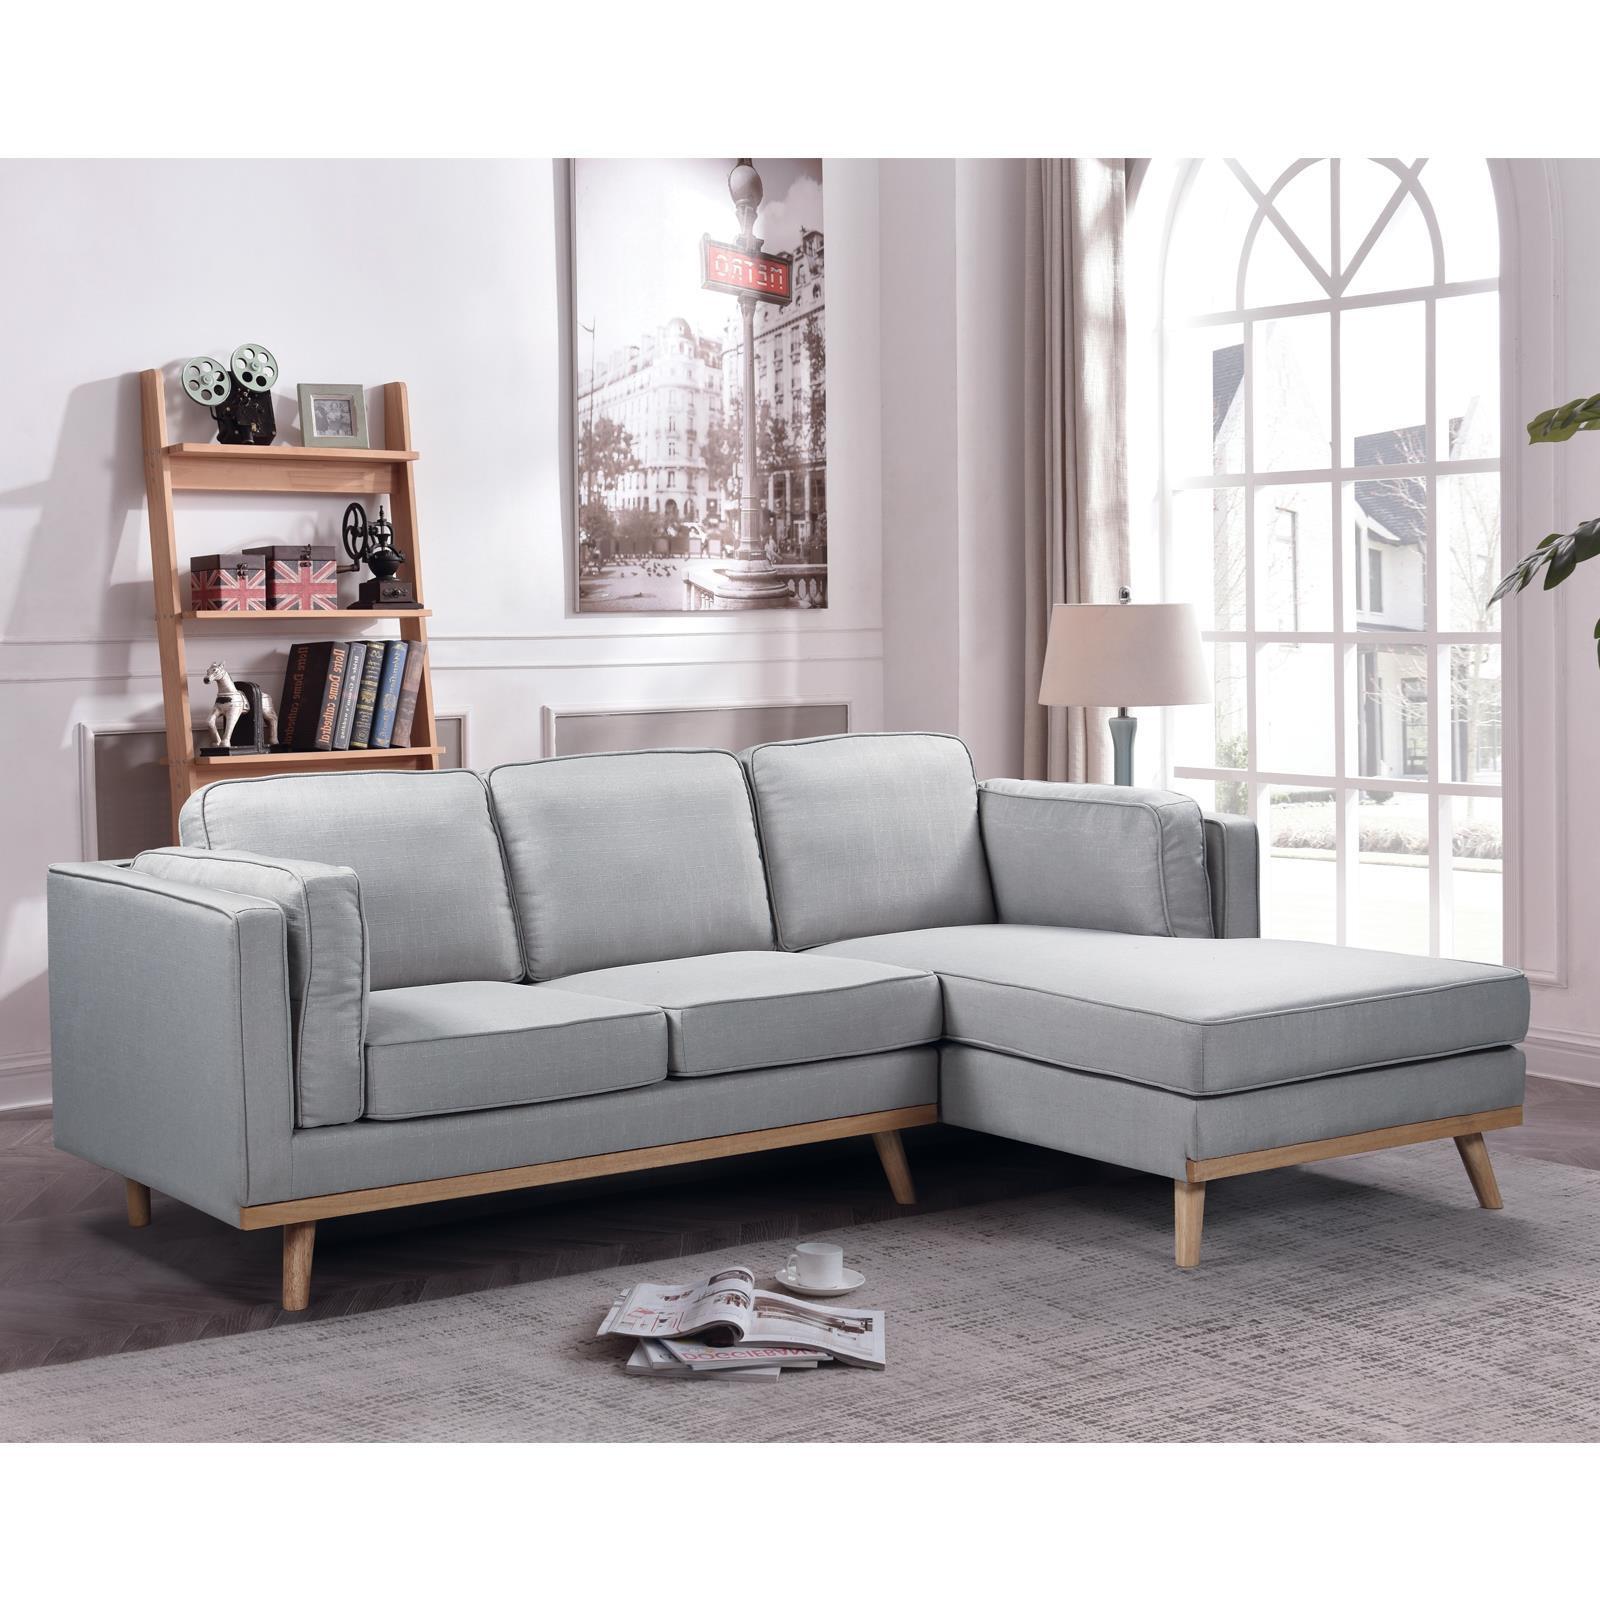 CHAMBER καναπές με αριστερή γωνία Y90x233x160x87εκ. ύφασμα ανοιχτό γκρι